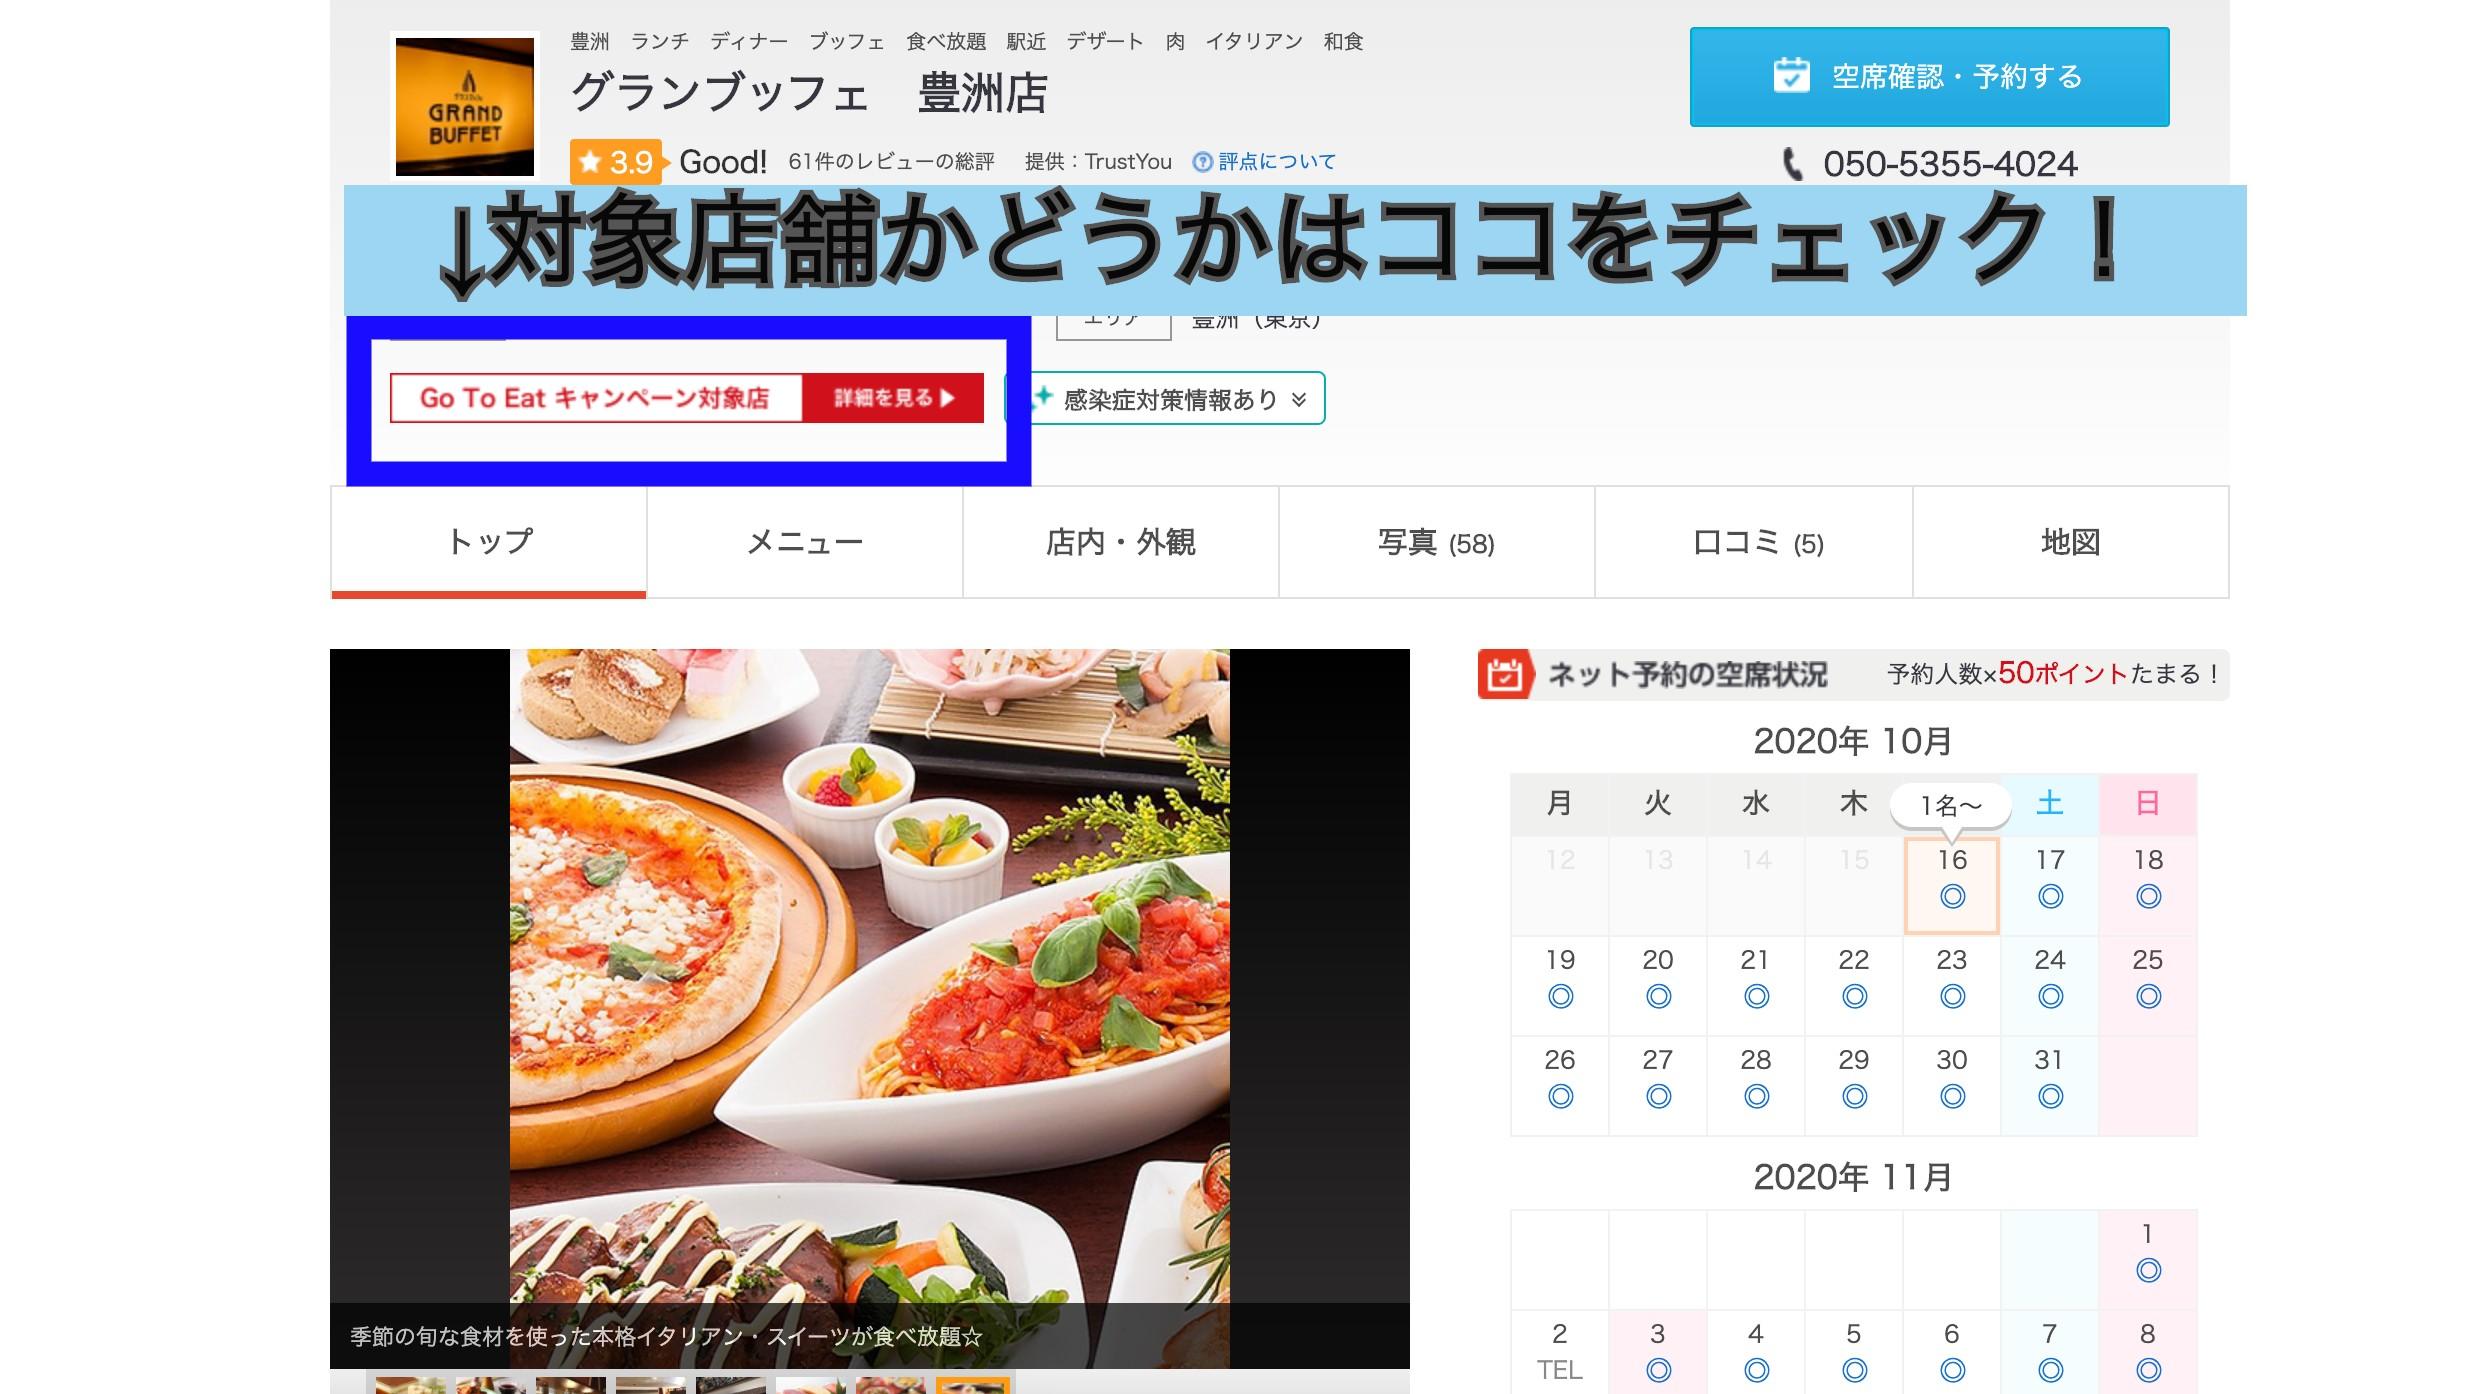 【Go To Eat で GO TO ブッフェ!】二ラックスのレストランで「GO TO EATキャンペーン」のポイントをゲットしよう♪